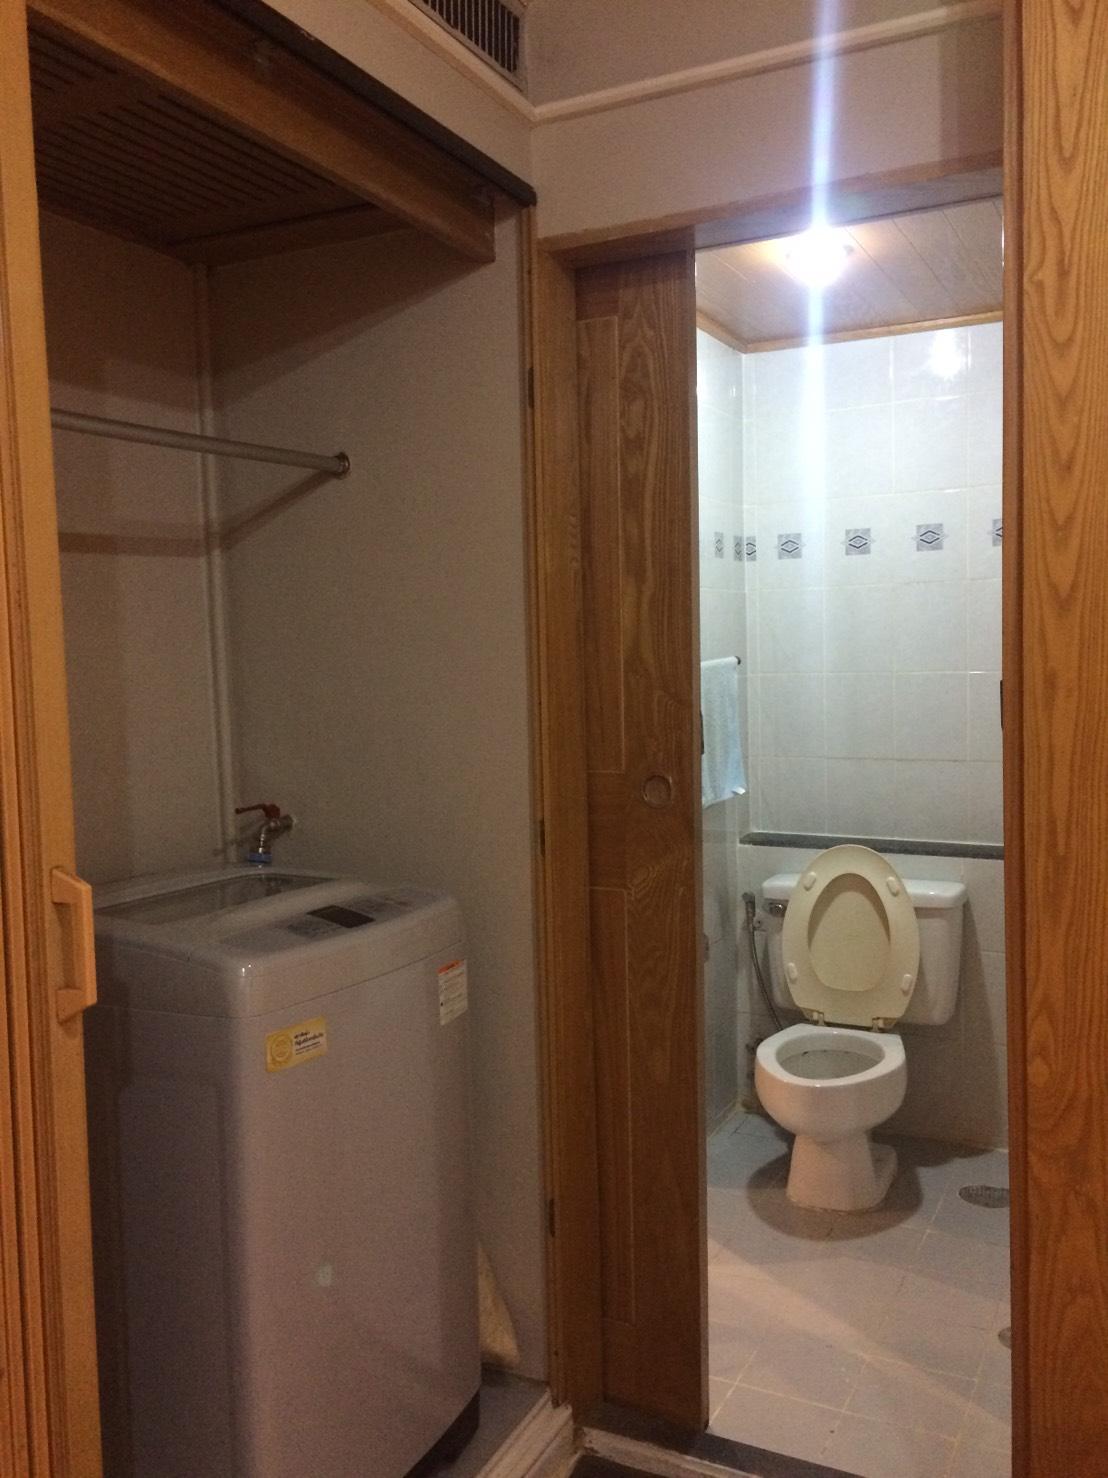 RE/MAX Properties Agency's RENT 1 Bedroom 47 Sq.m Baan Suk San 5